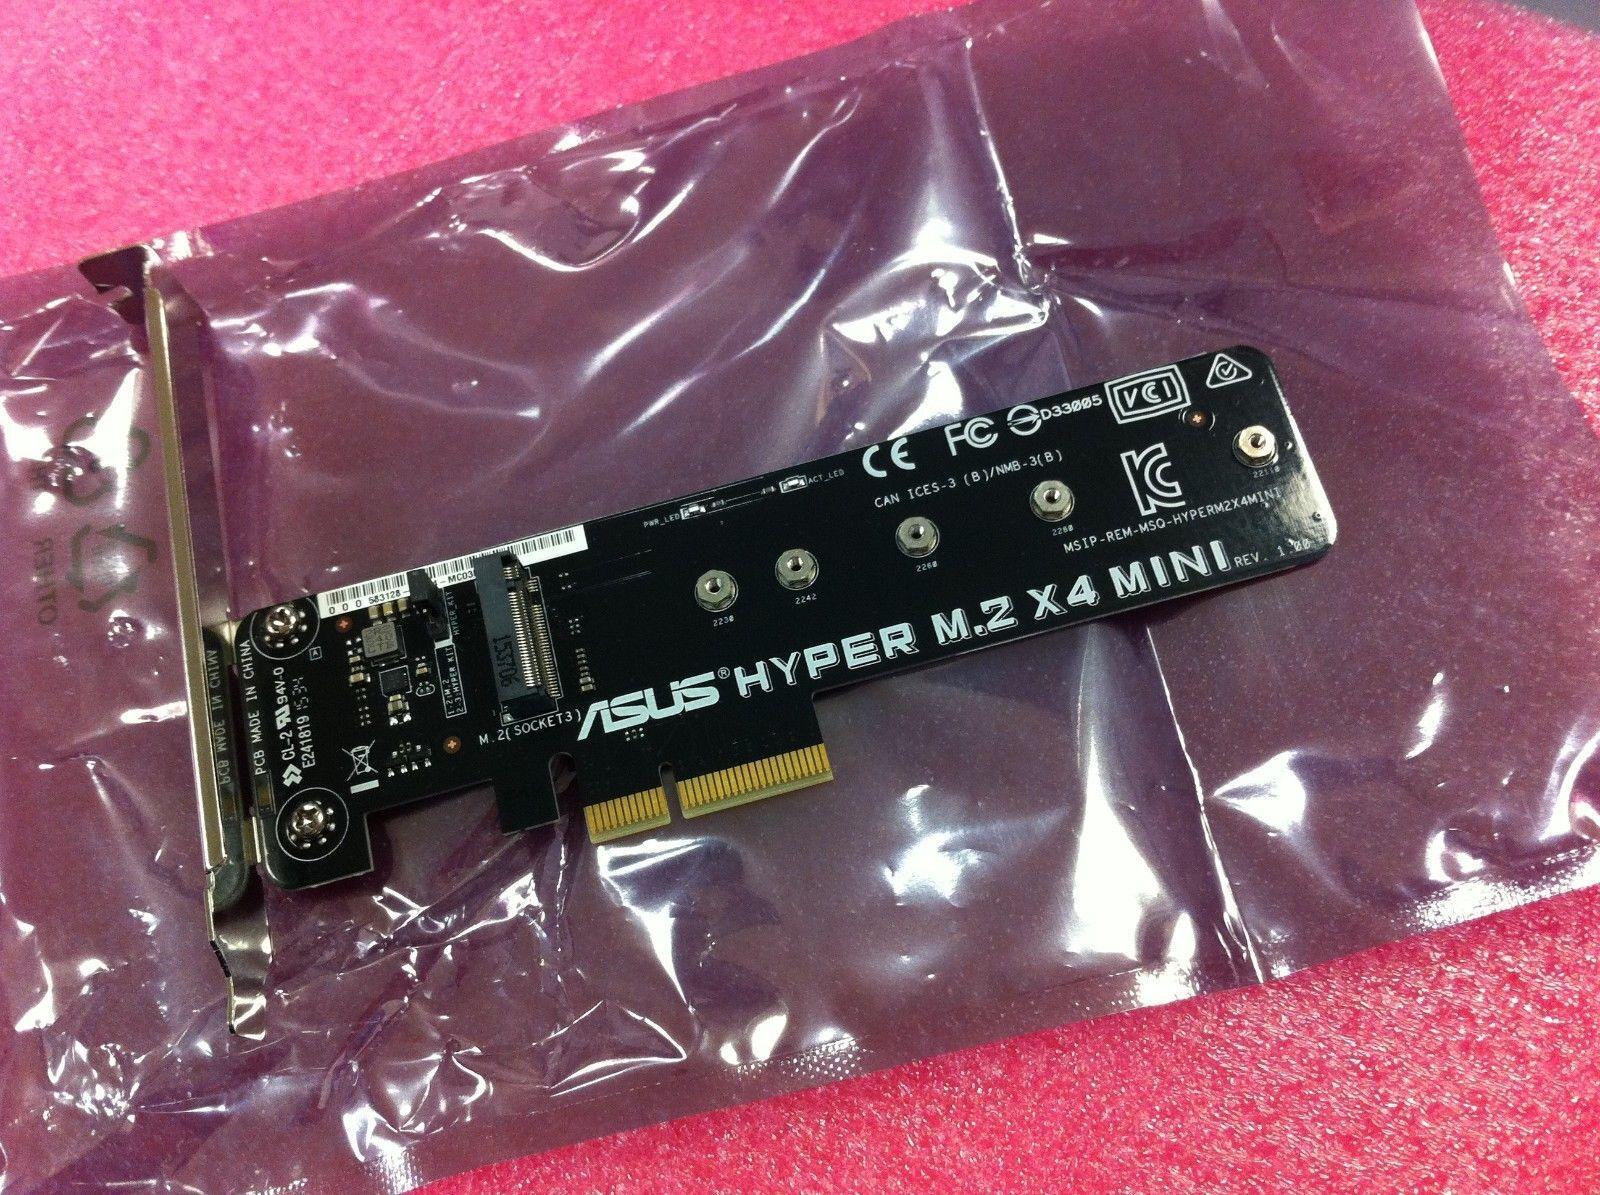 Hyper M.2 X4 Mini Accessory For Asus X99 Deluxe USB3.1 ,X99 Pro Original